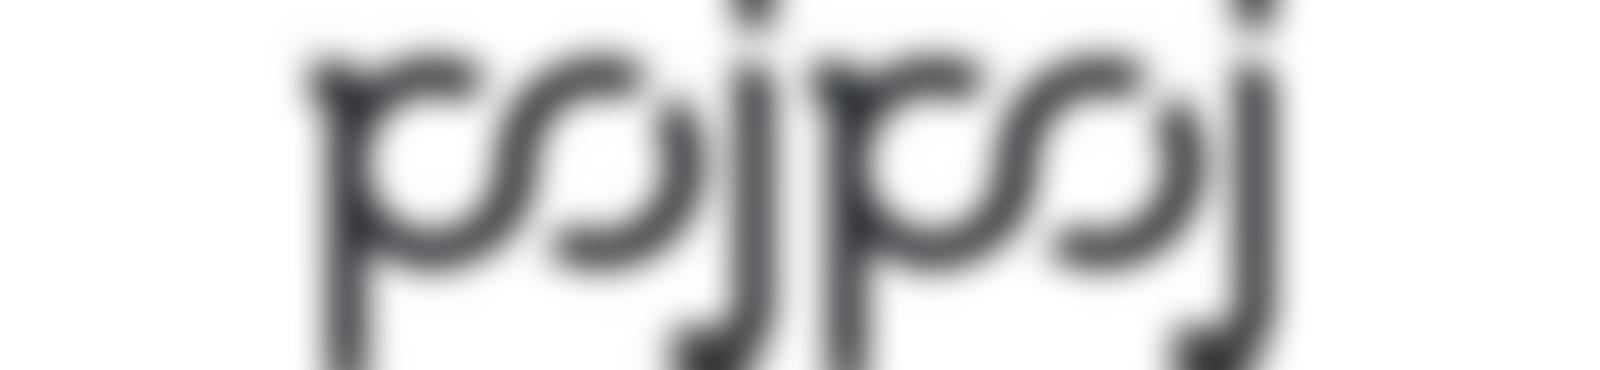 Blurred foto 2